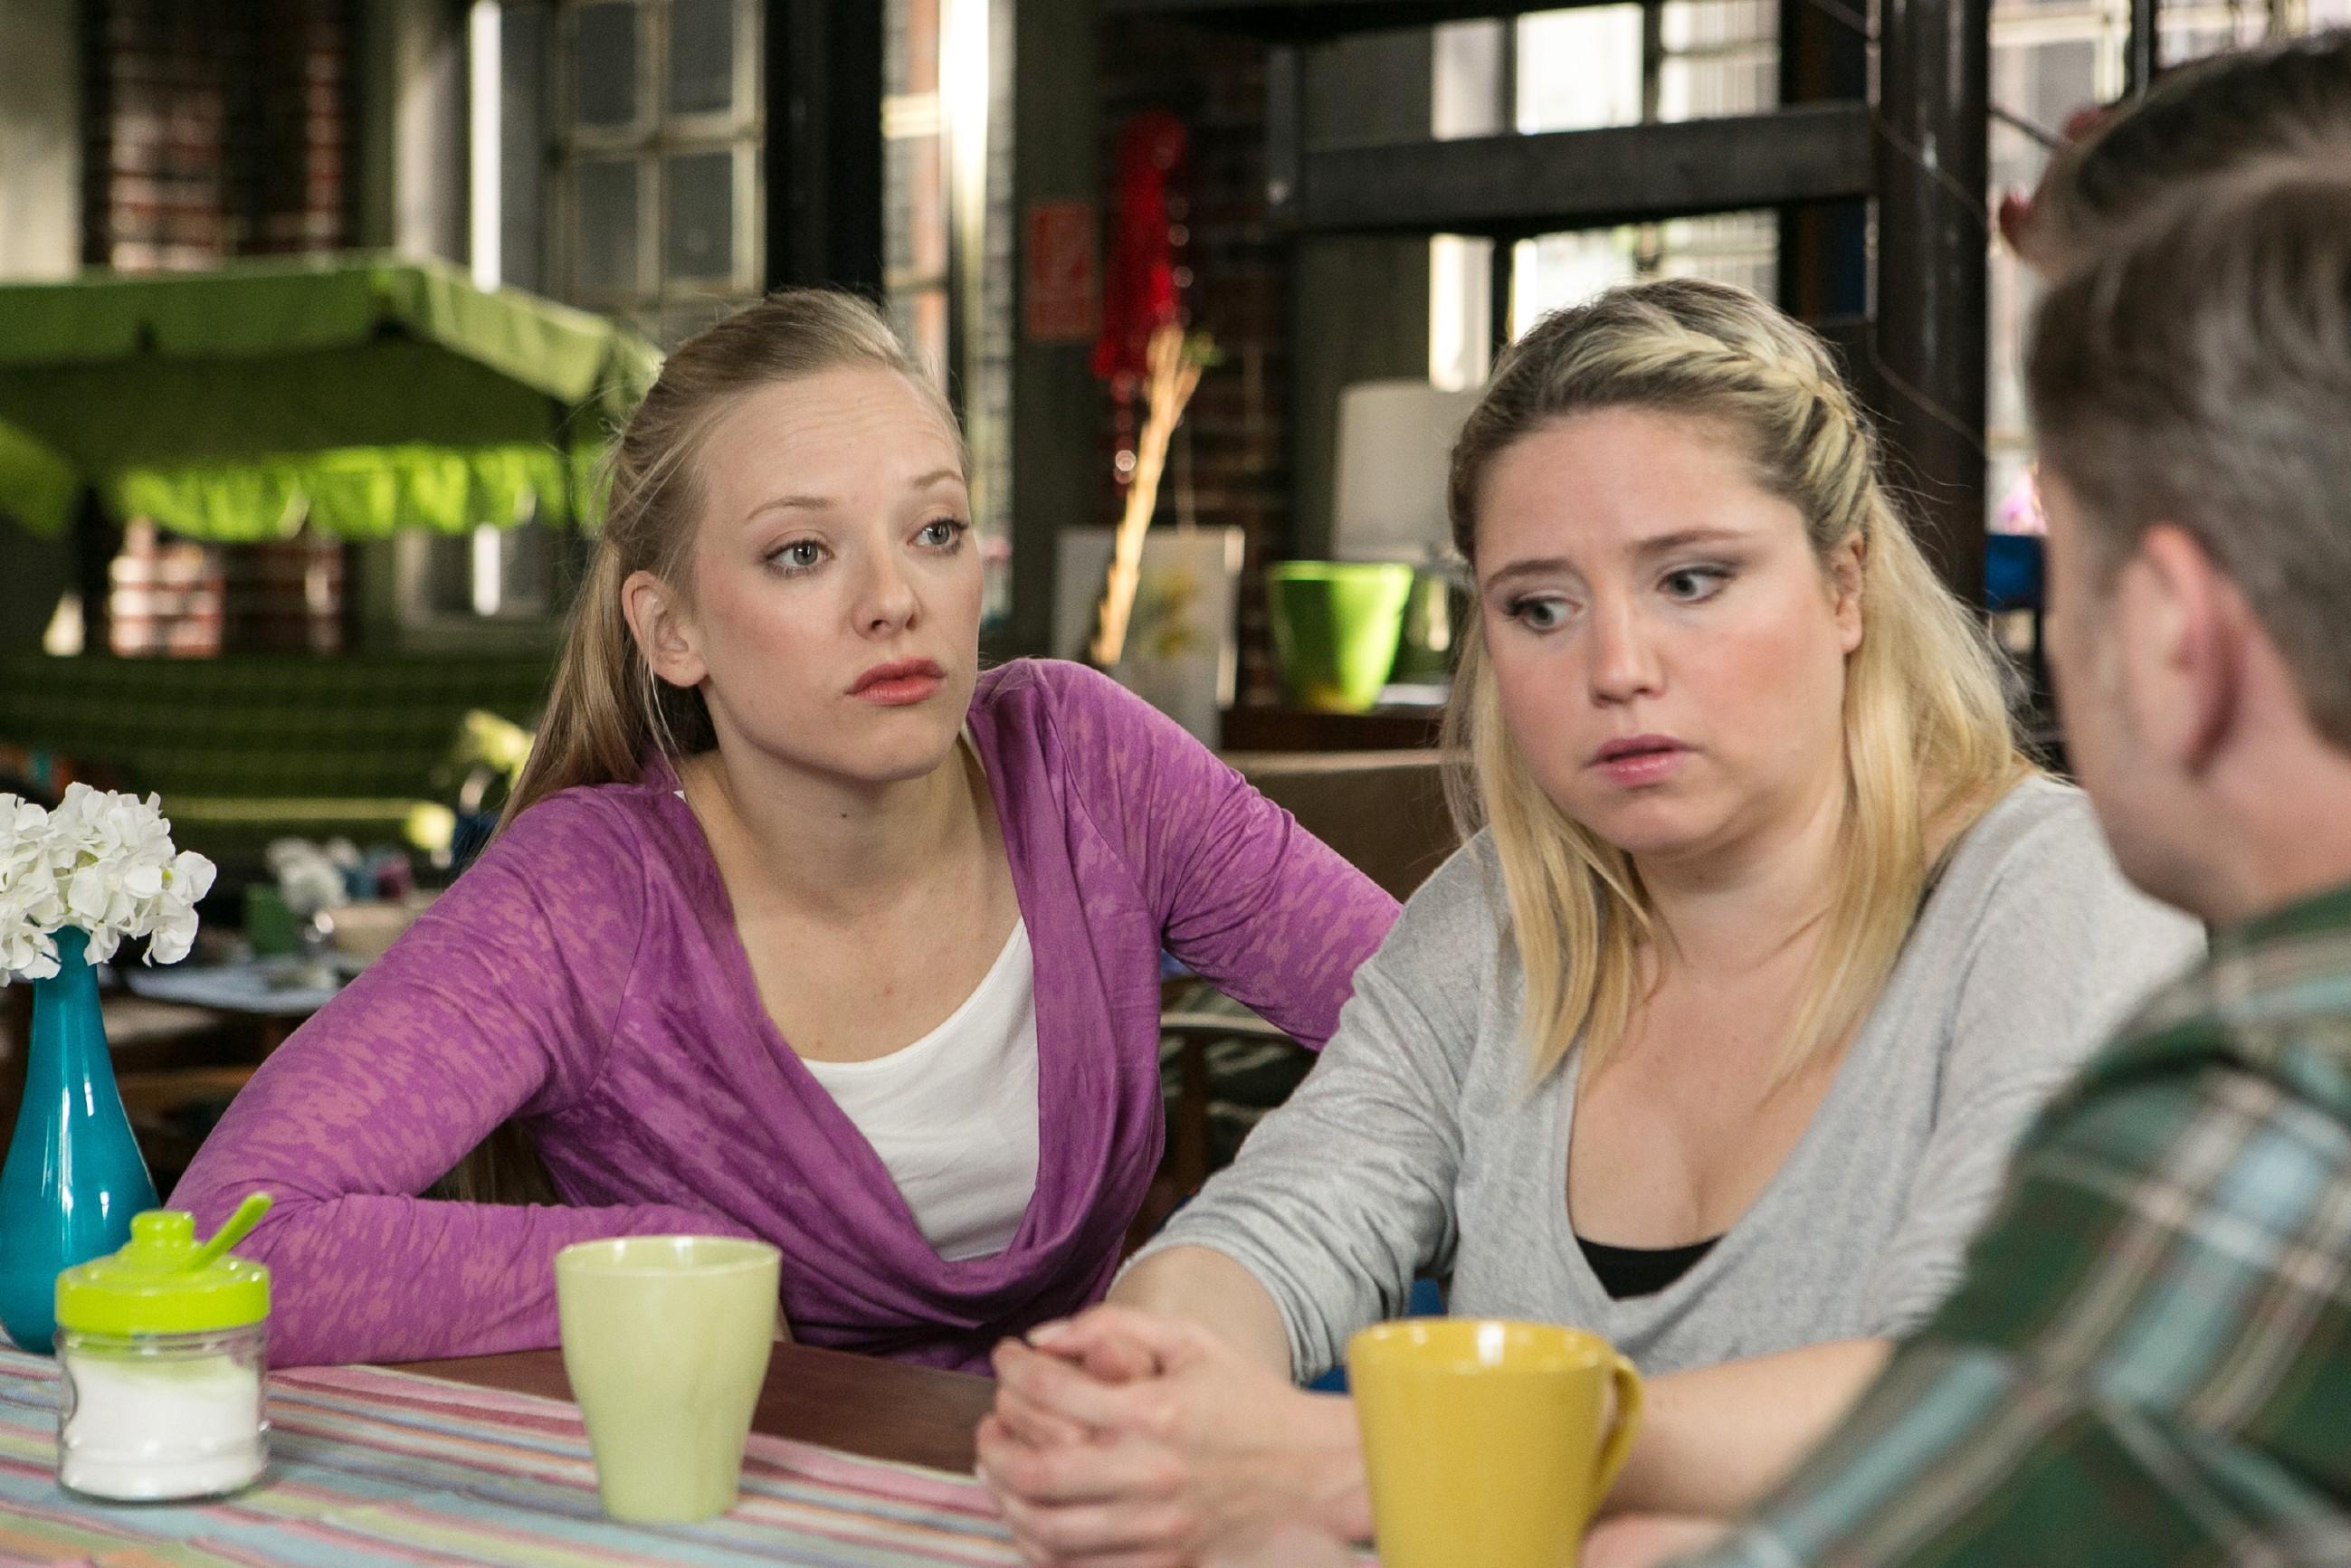 Marie (Judith Neumann, l.) macht Ingo (André Dietz) im Beisein von Bea (Caroline Maria Frier) klar, dass sie seinen Erpressungsversuch für den falschen Weg hält. (Quelle: RTL / Kai Schulz)